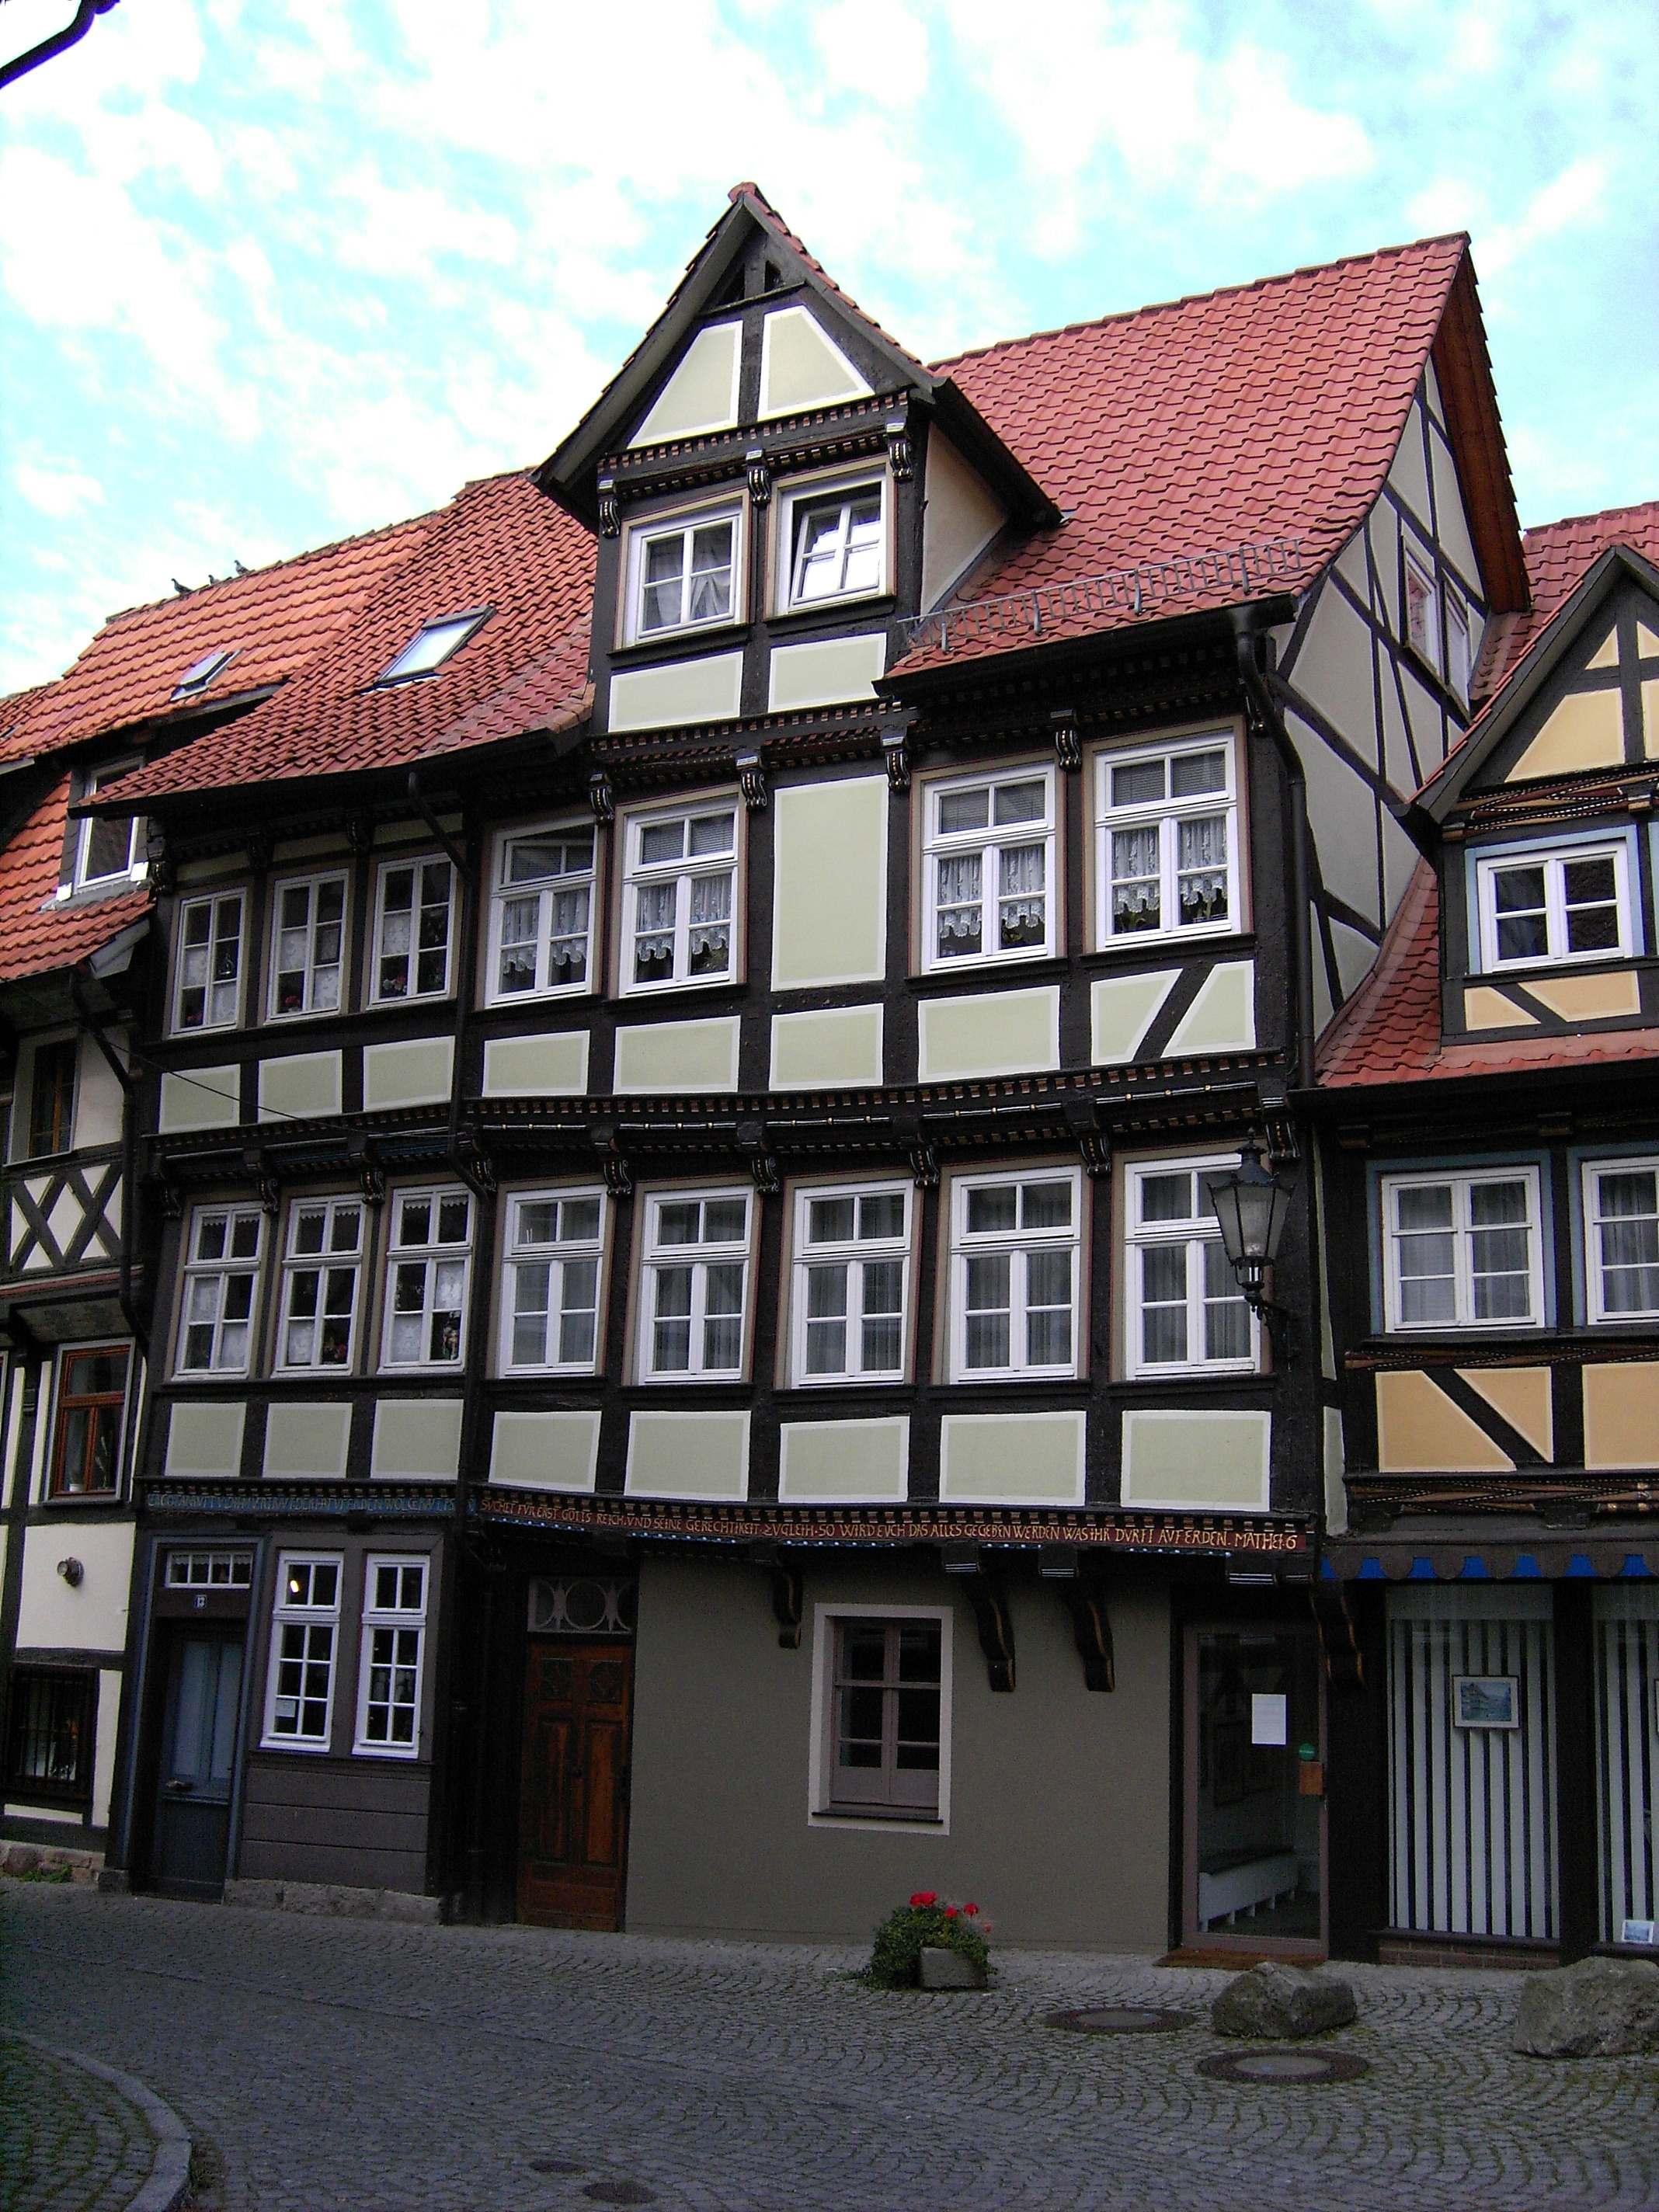 File:Hann. Münden-Timber.Framing-14-Sydekum-01.JPG - Wikimedia Commons